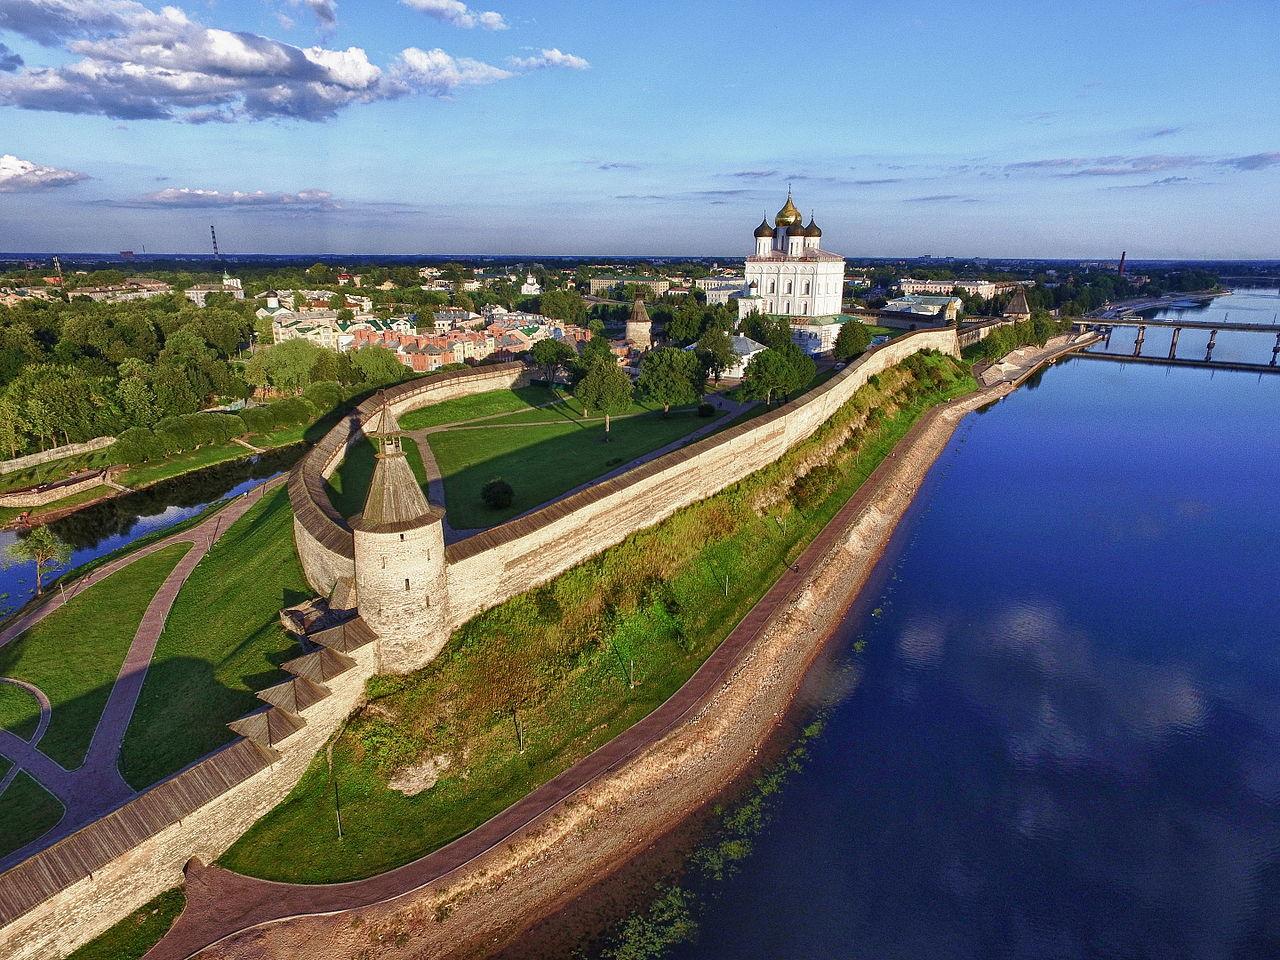 Псковский Кремль: описание, история, экскурсии, точный адрес